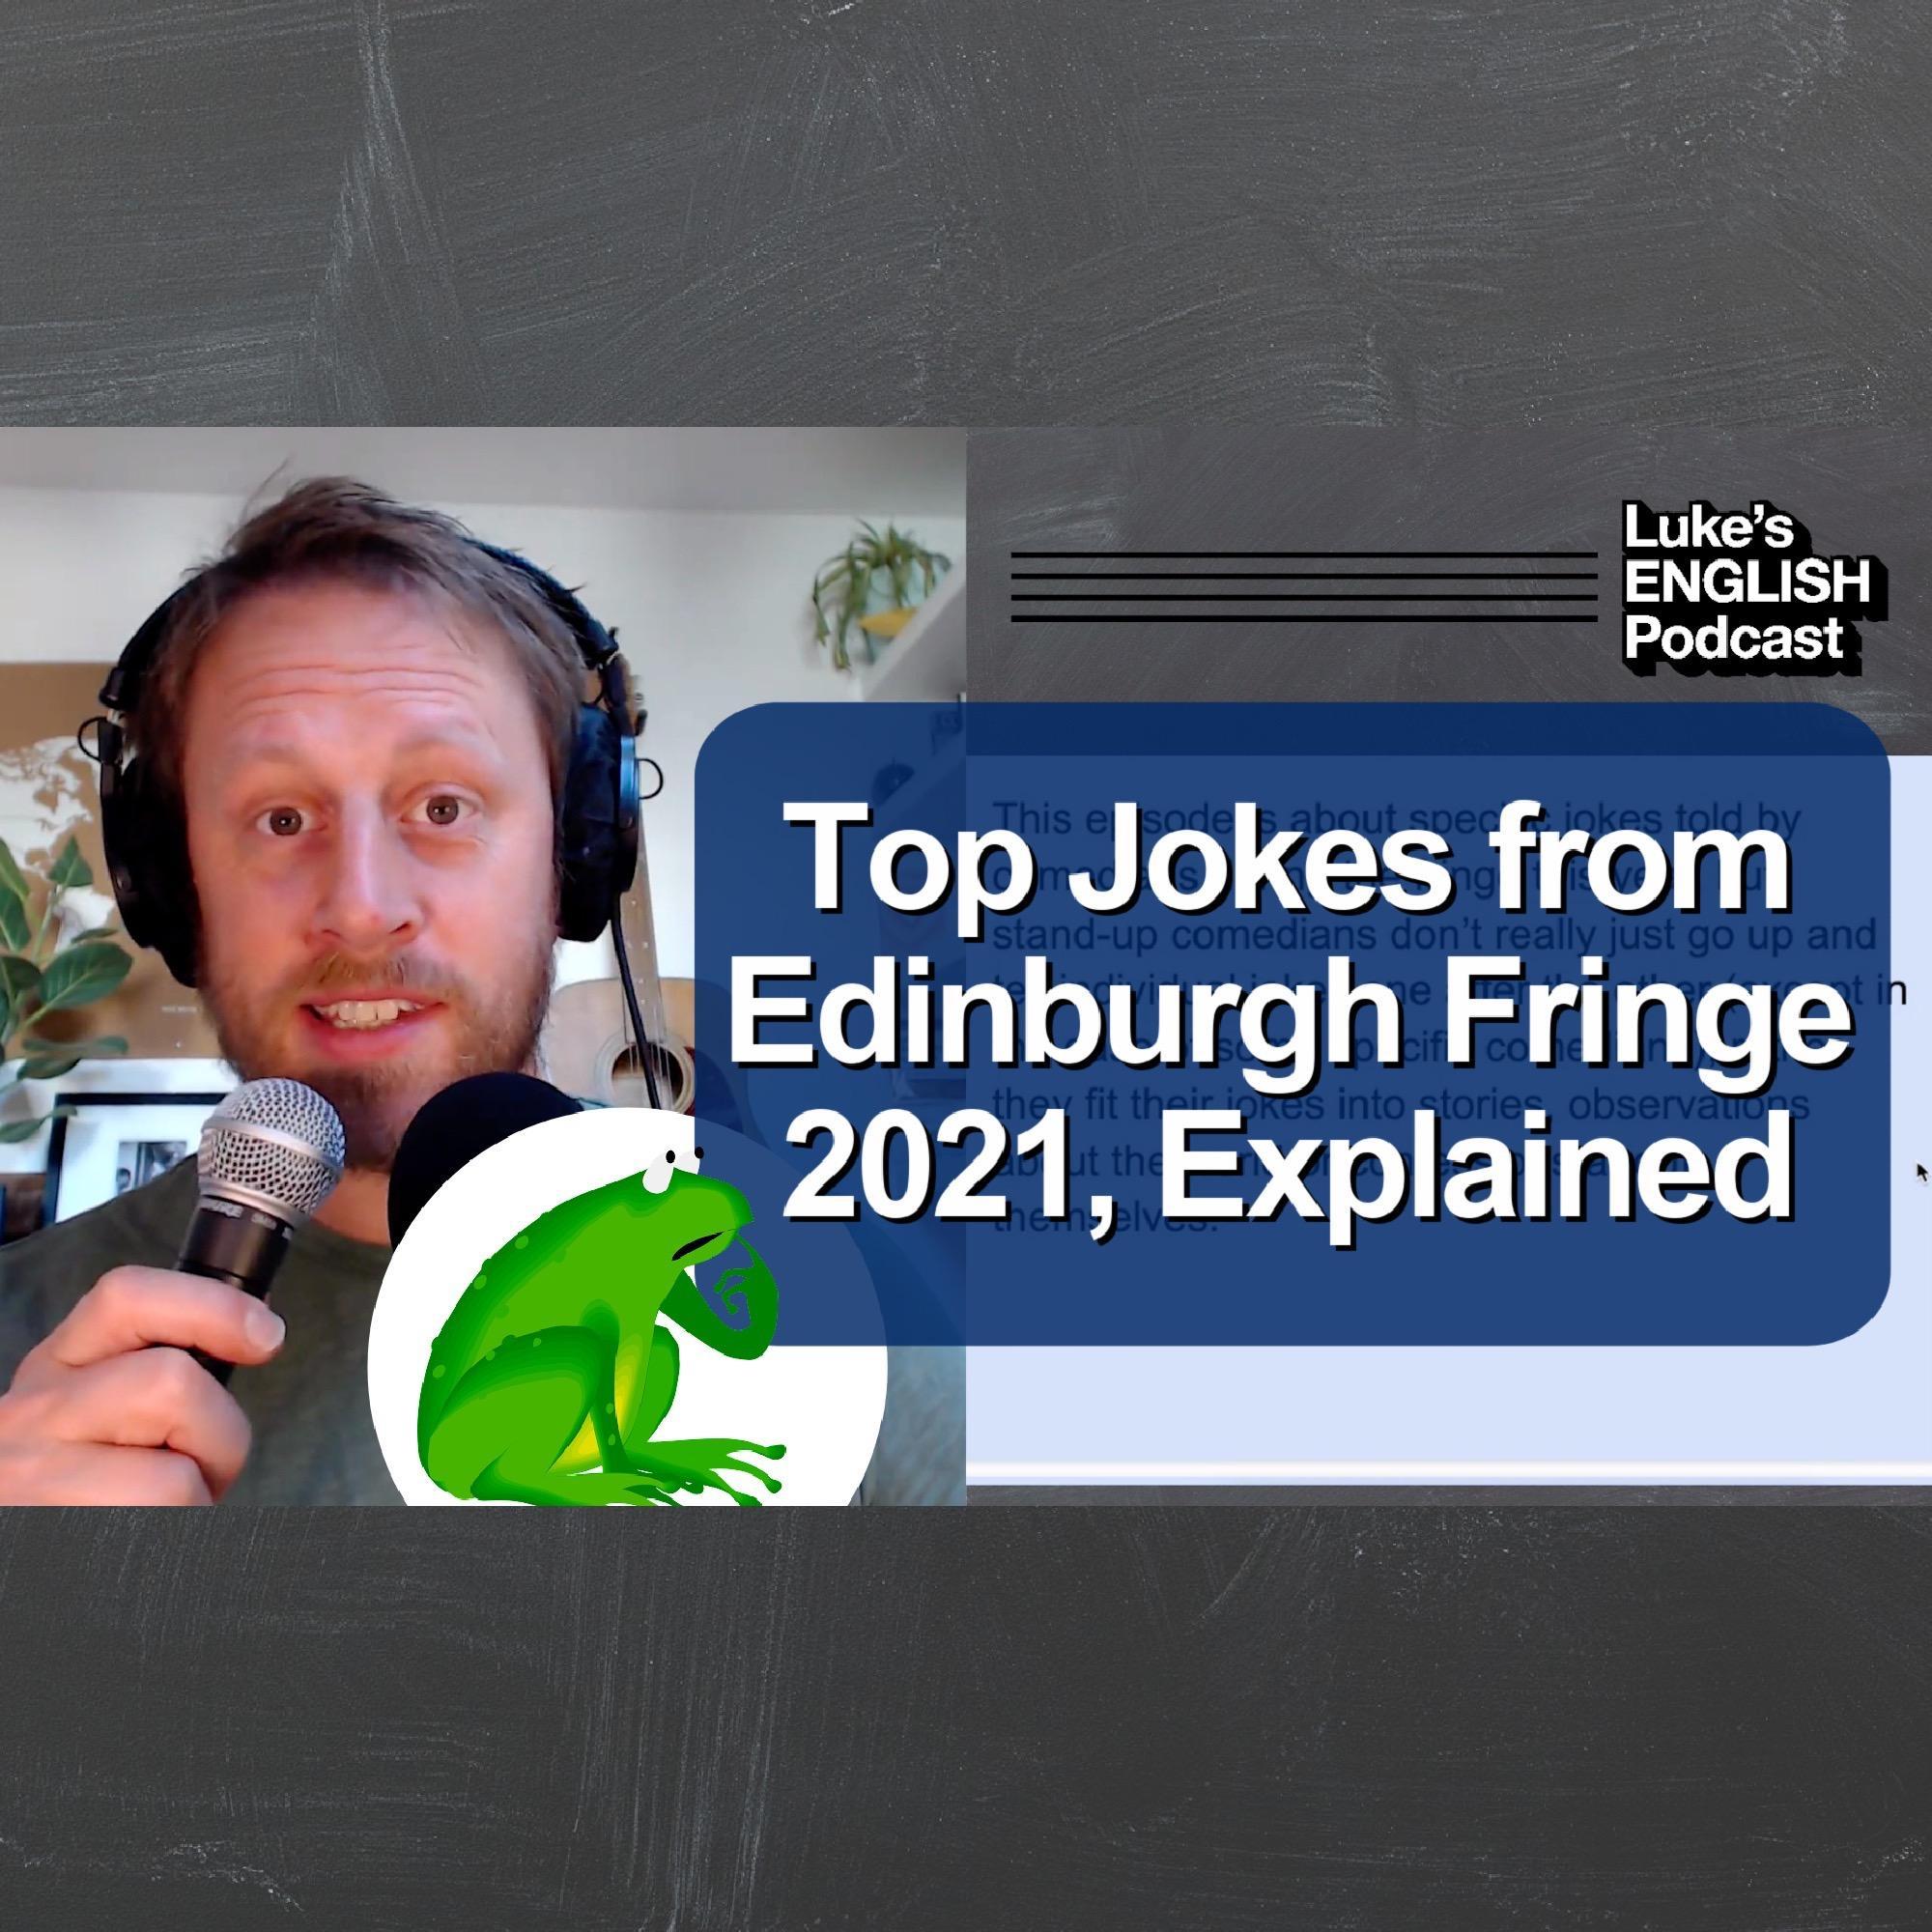 741. Top Jokes from Edinburgh Fringe 2021, Explained